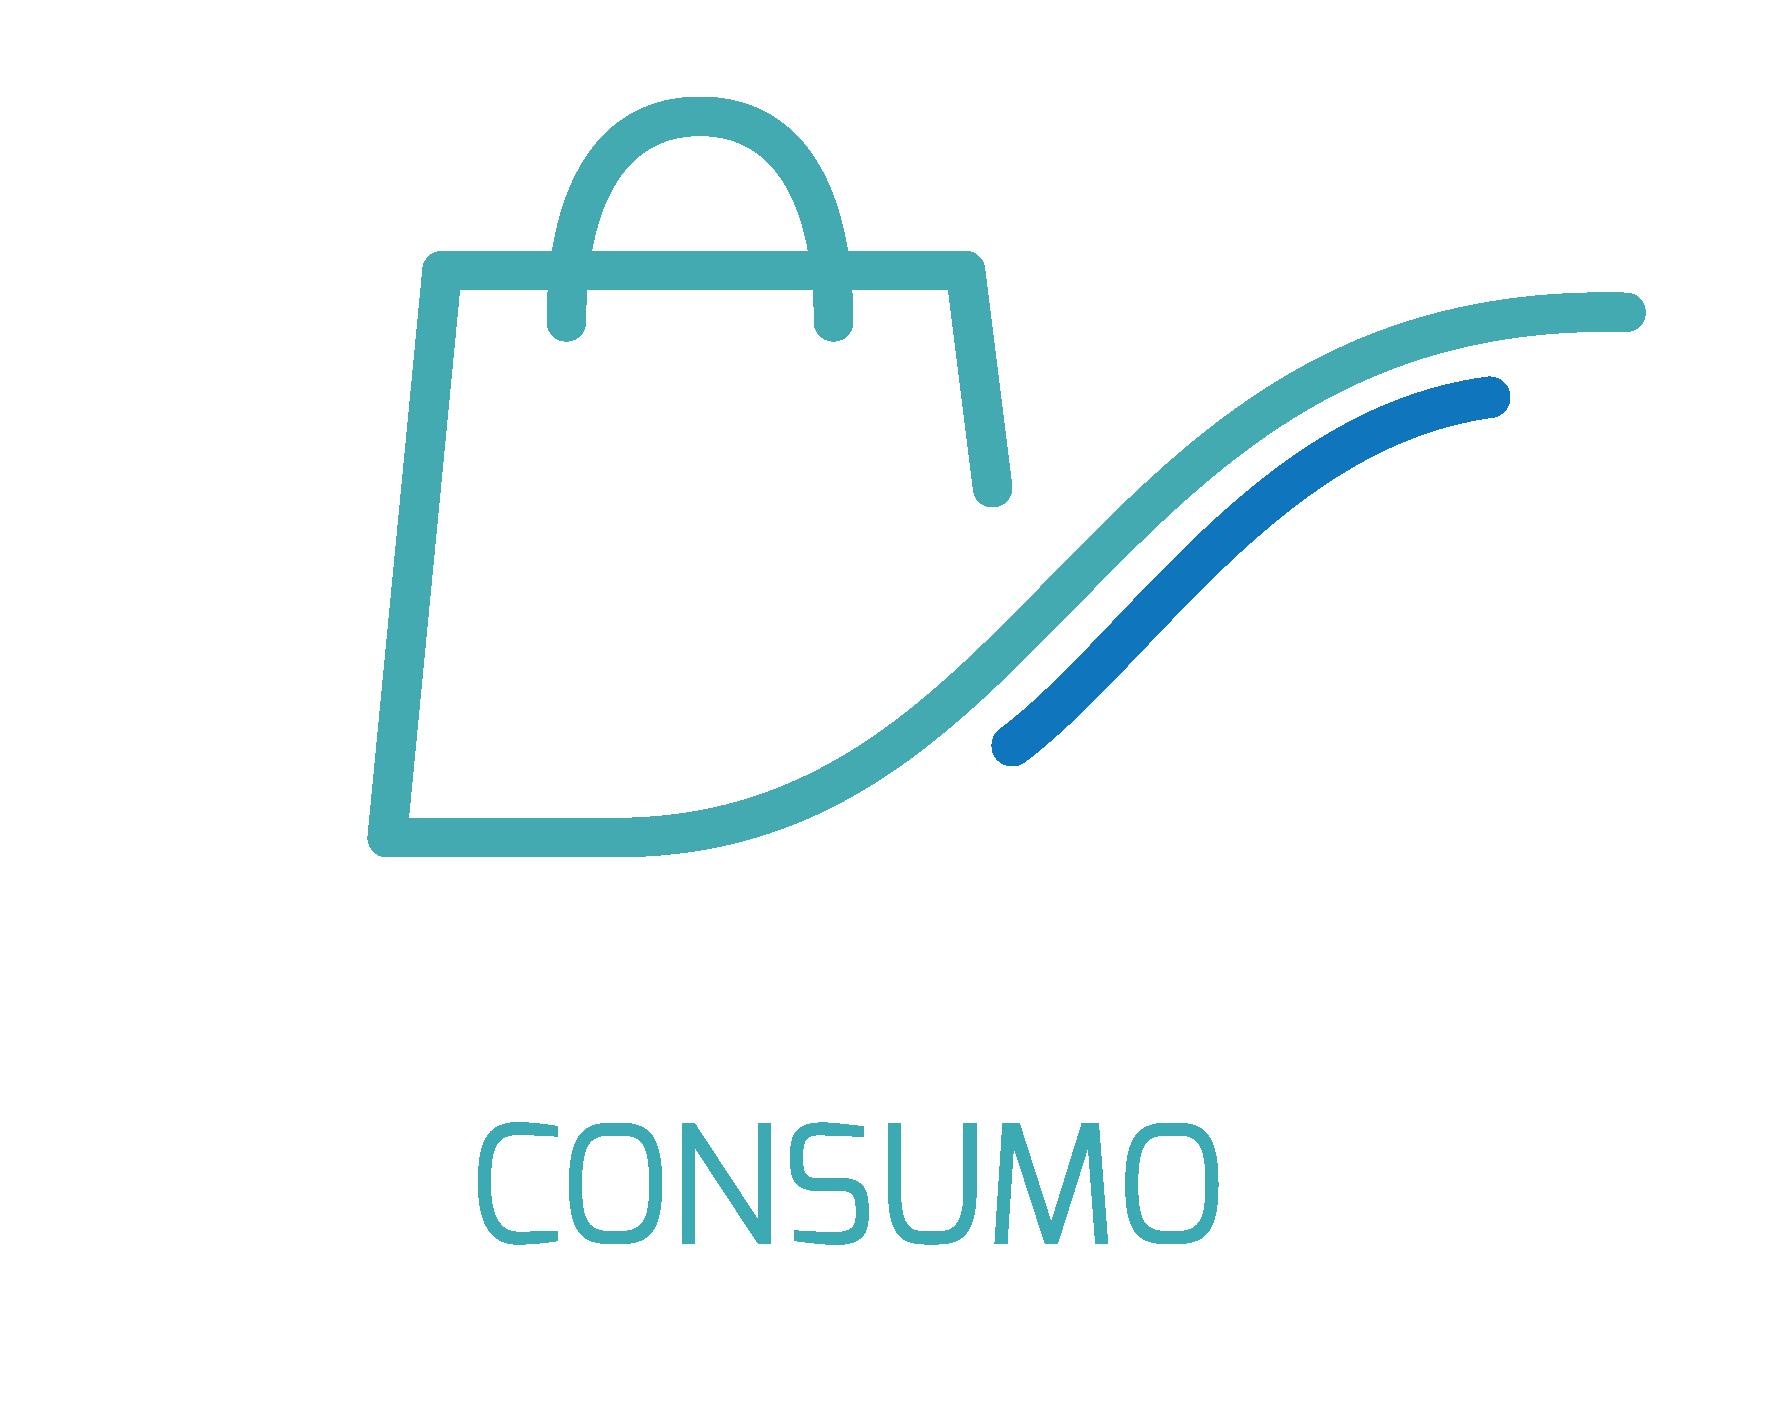 Consumo 25 03 2020